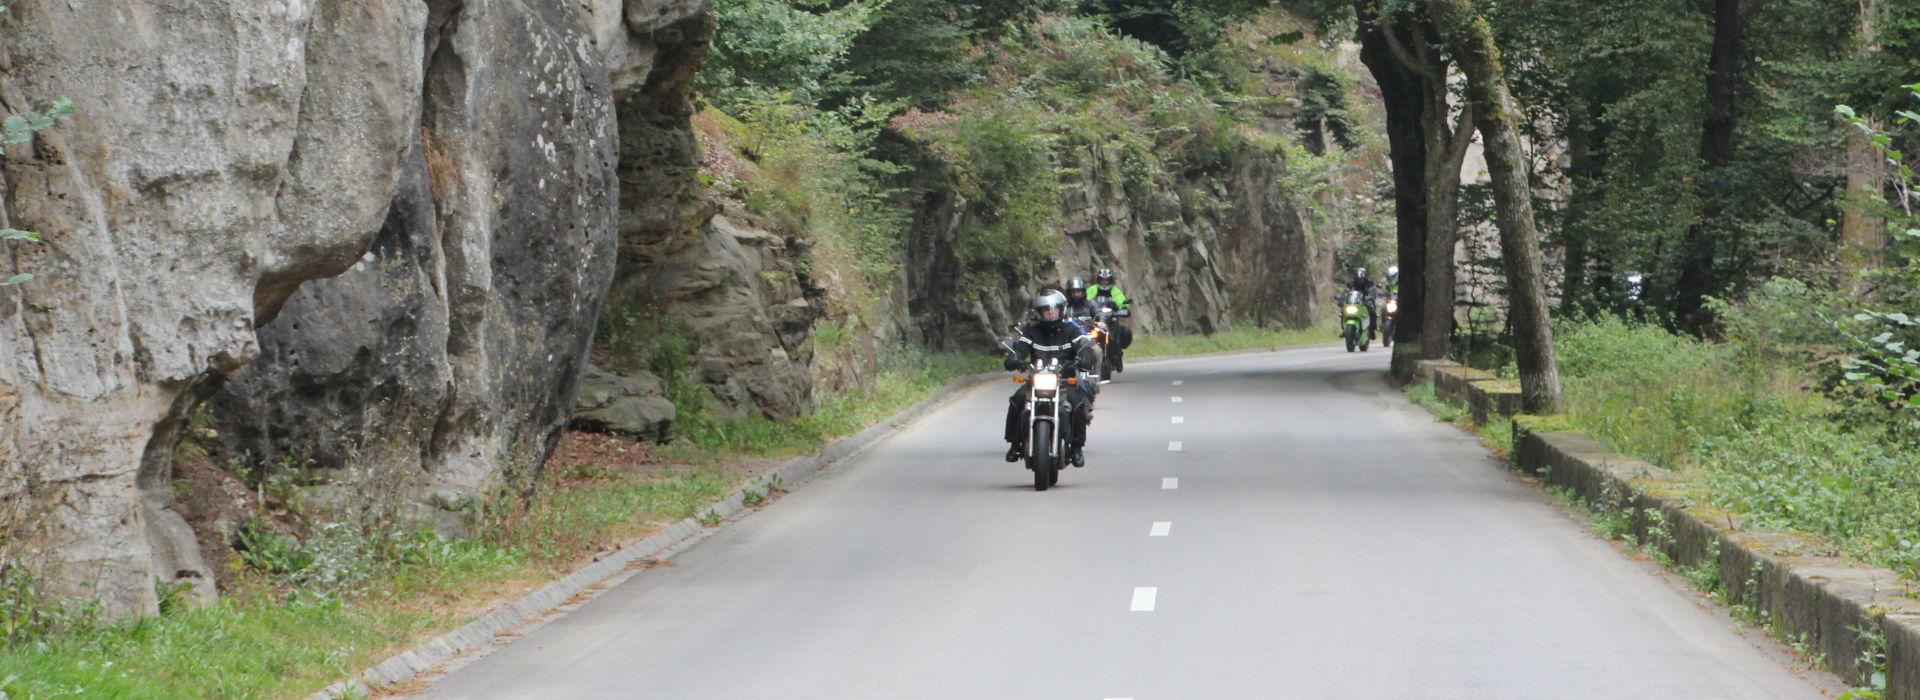 Motorrijbewijspoint Emmeloord snel motorrijbewijs halen